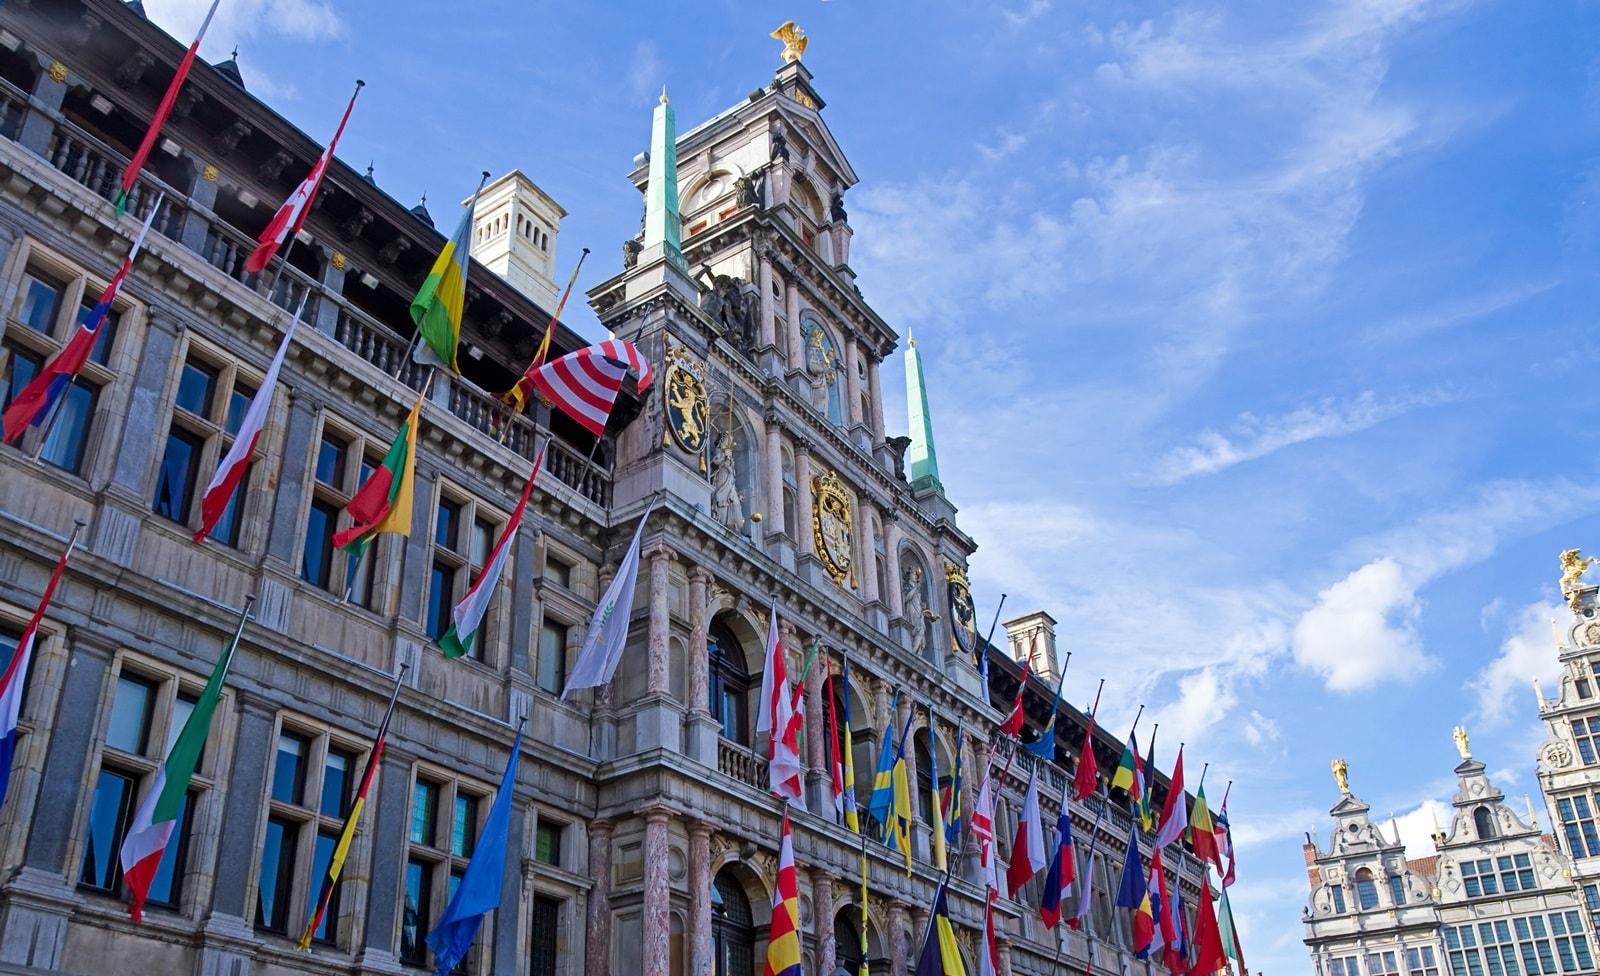 Antwerpen Sehenswürdigkeiten: Top 10 Attraktionen für 2021